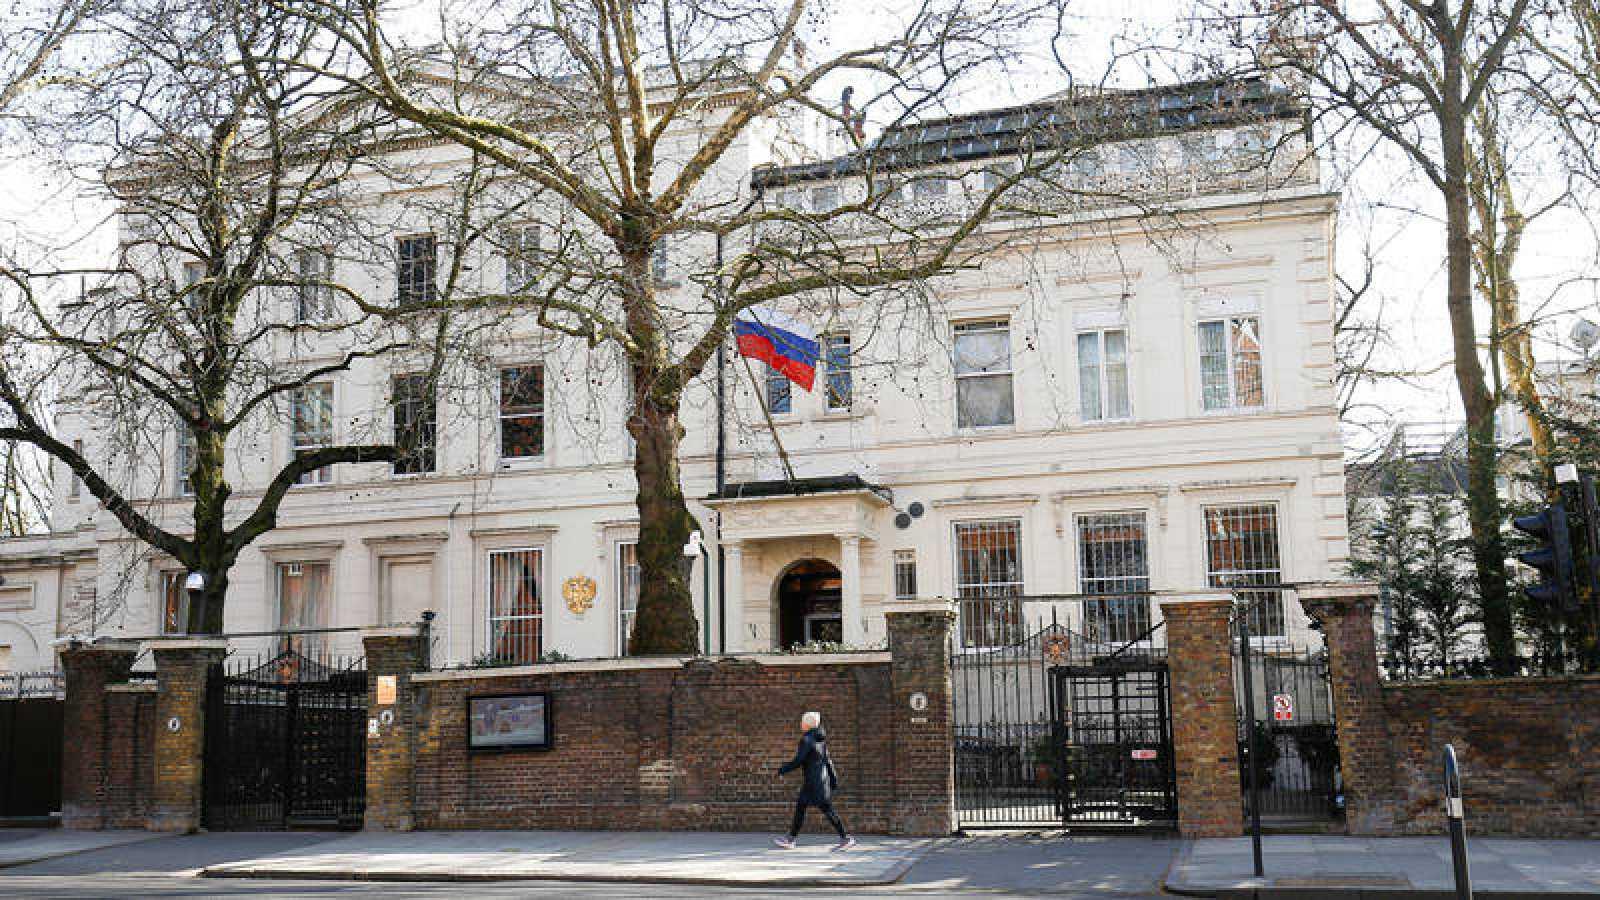 Vista de la embajada rusa en Londres, ahora vacía por orden de May por el caso Skripal